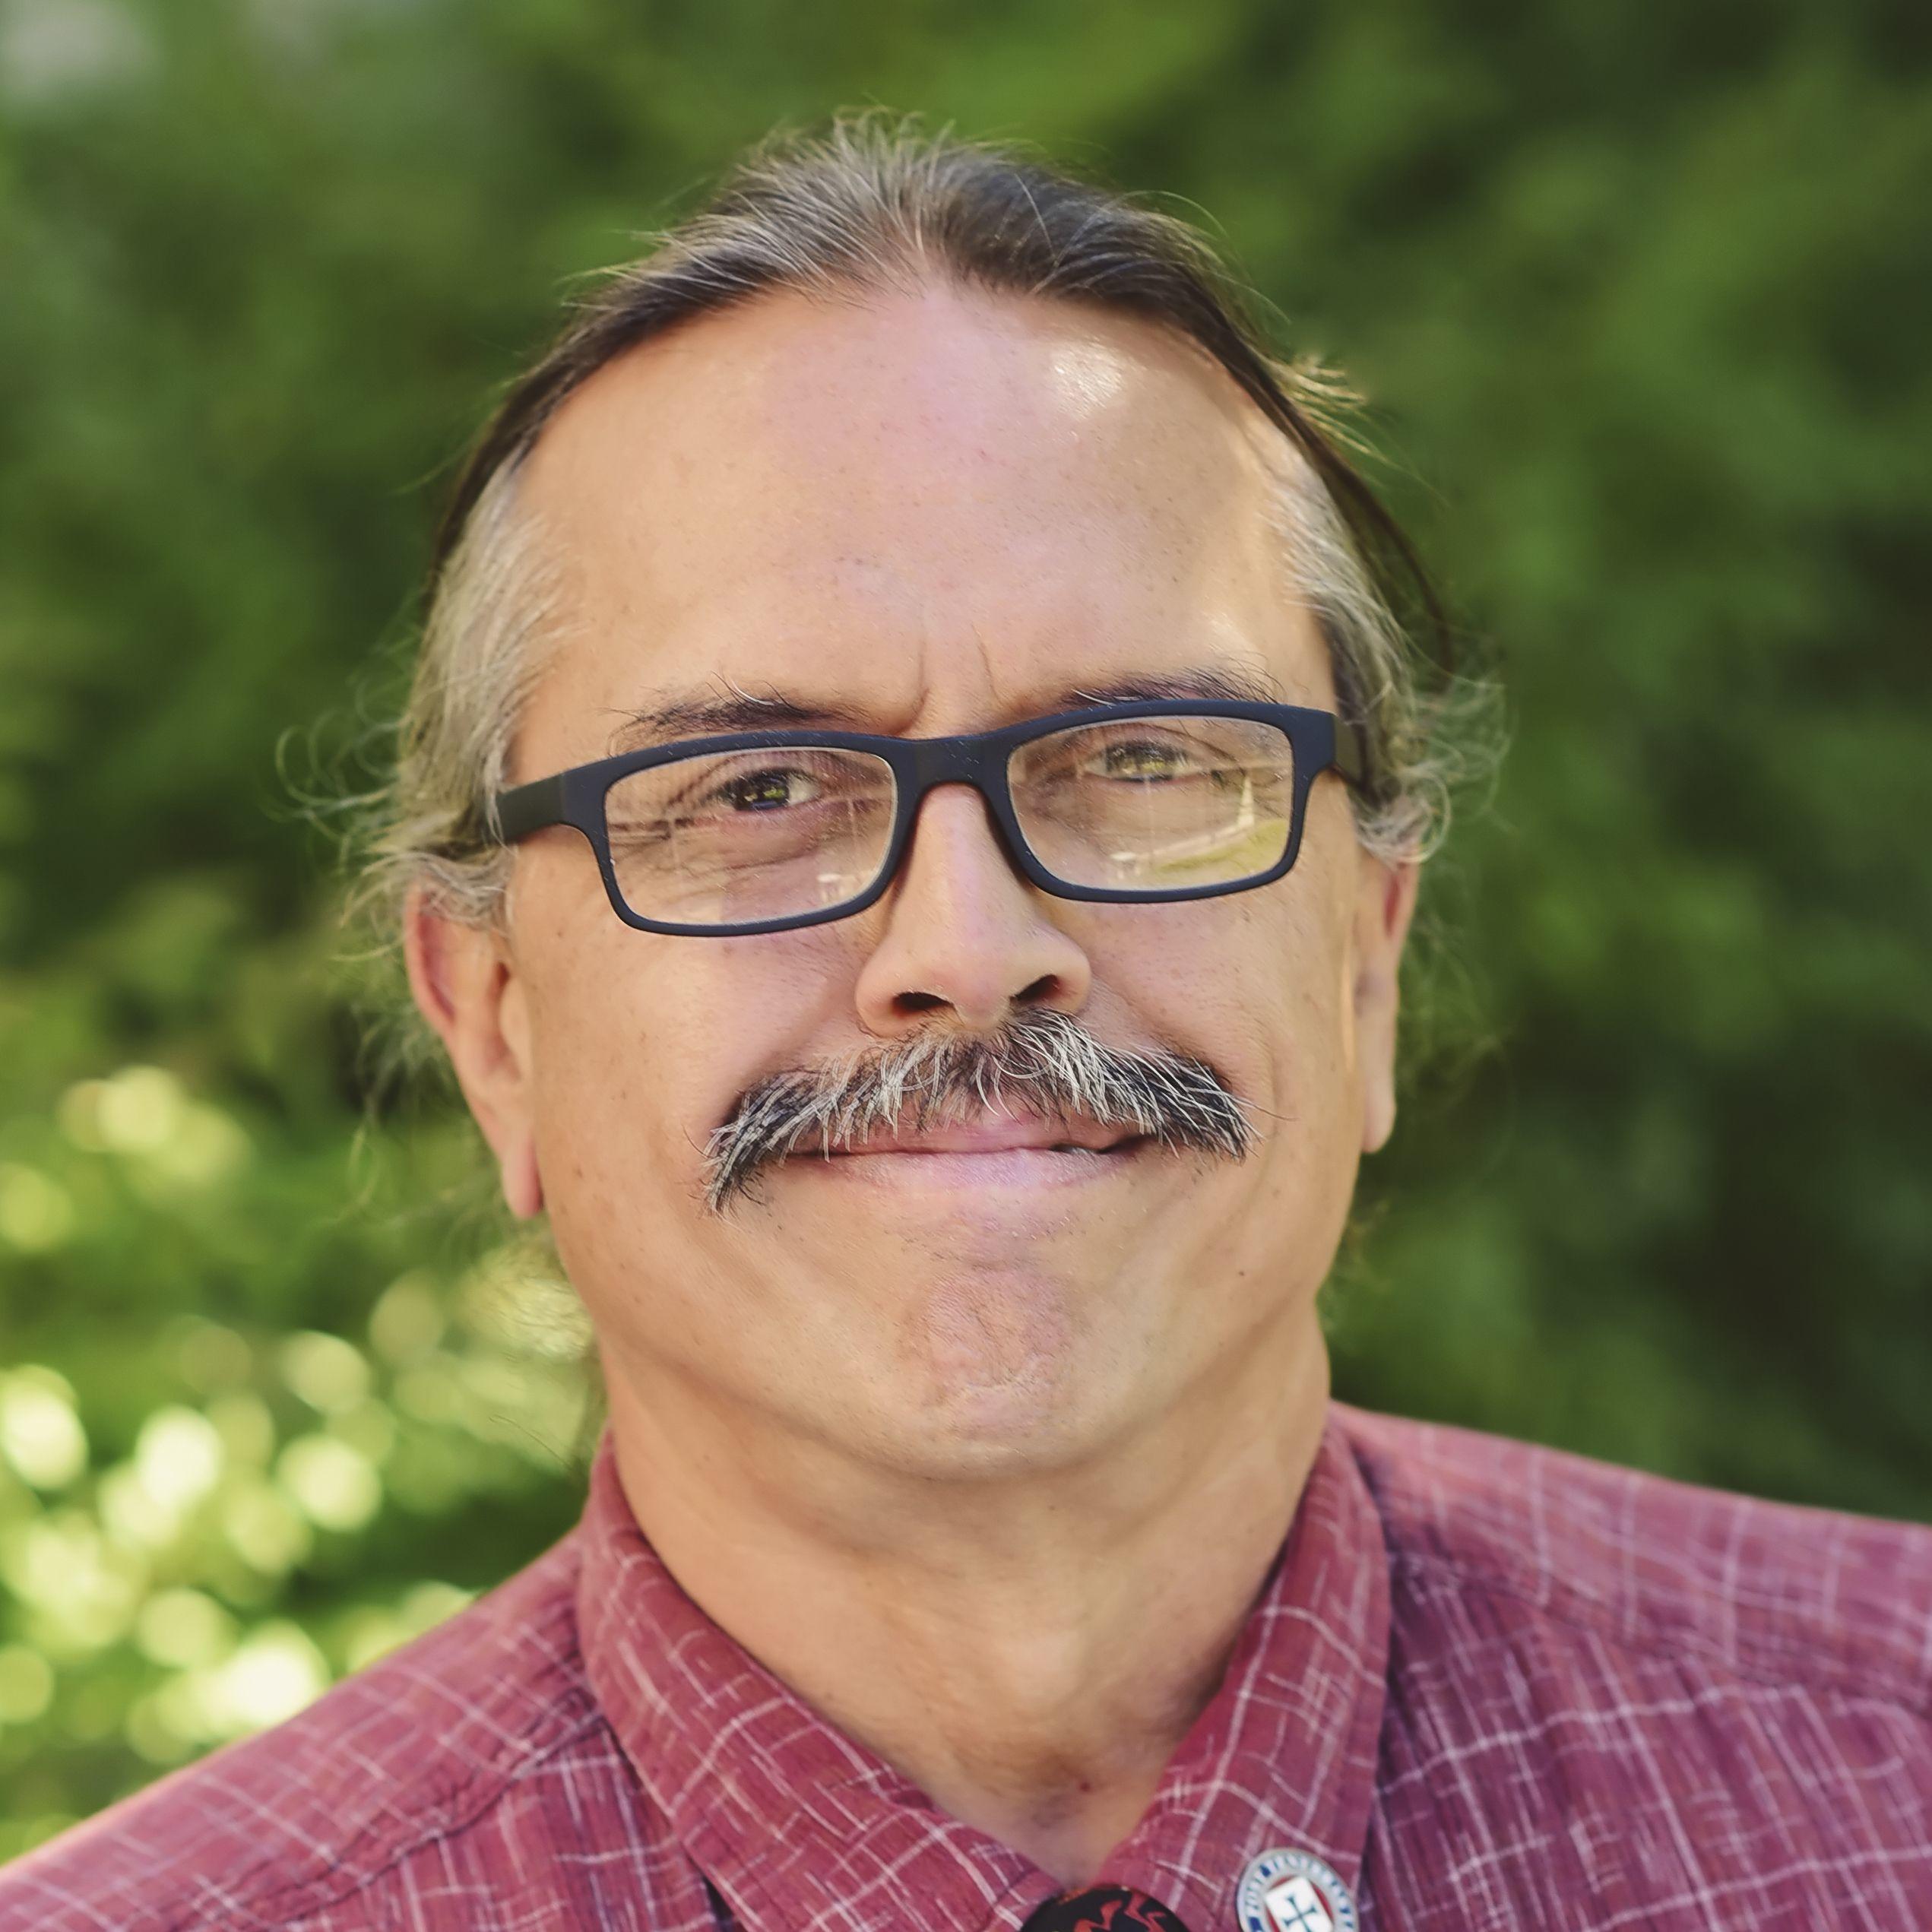 Mr. Kevin Figueroa